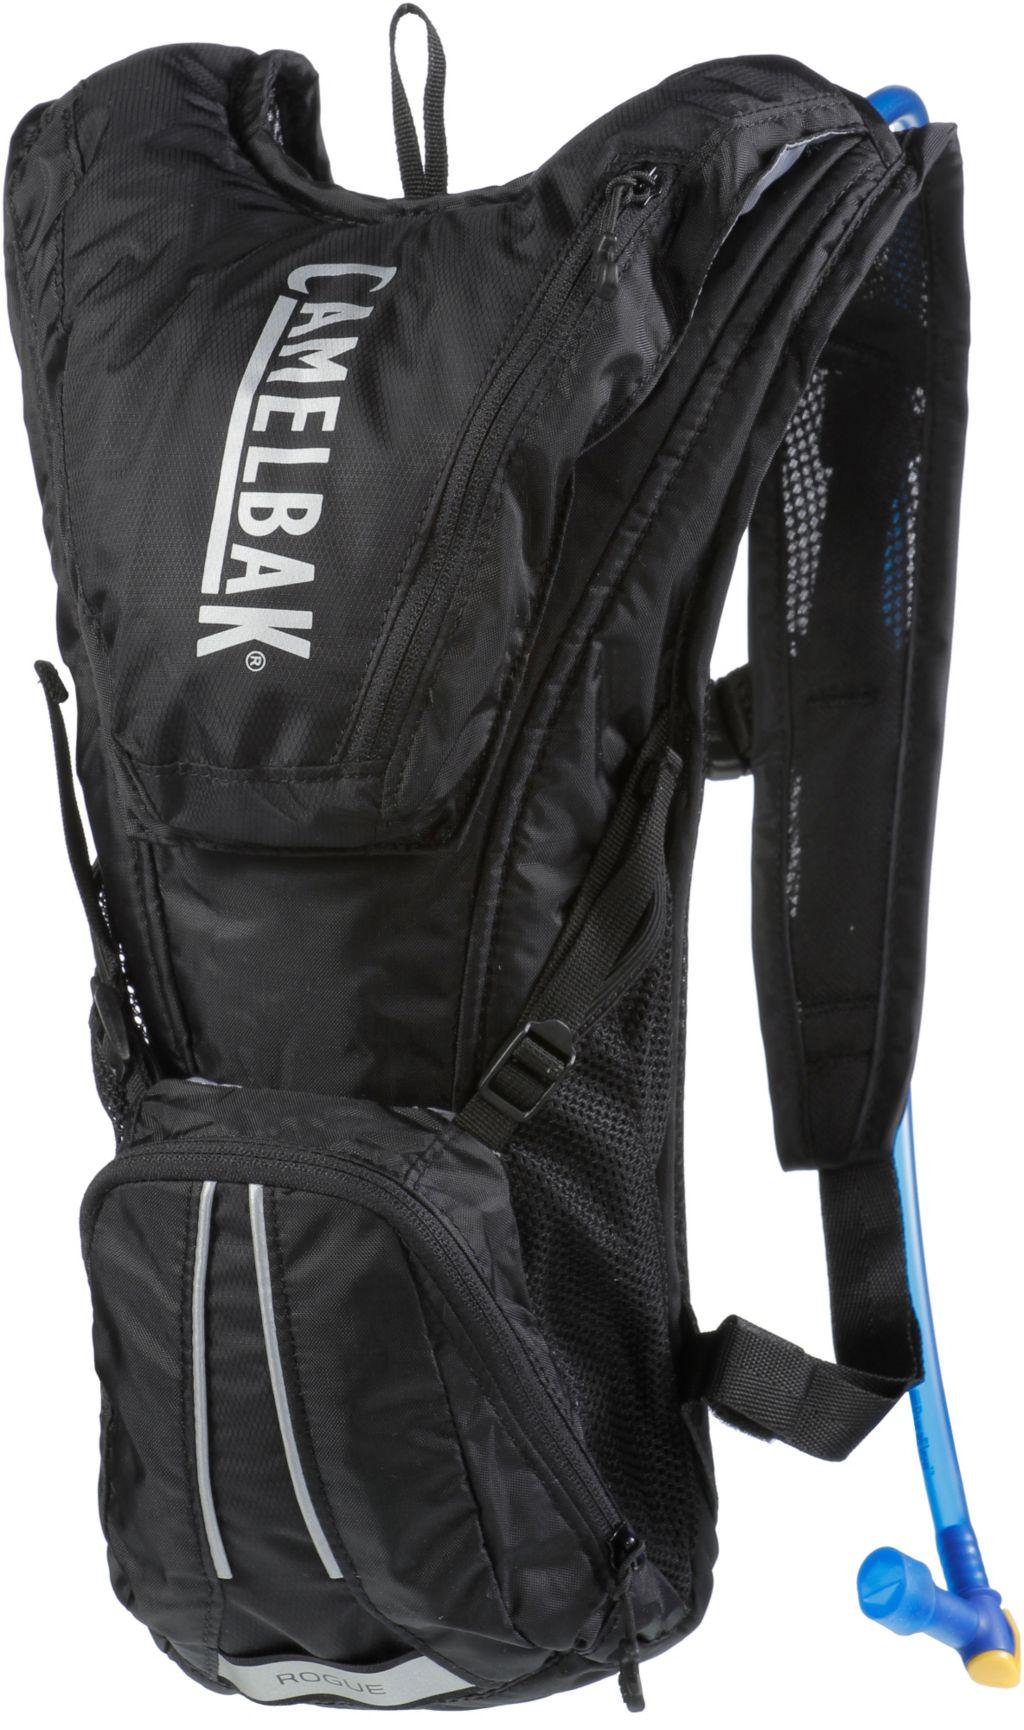 Rogue Fahrradrucksack in schwarz